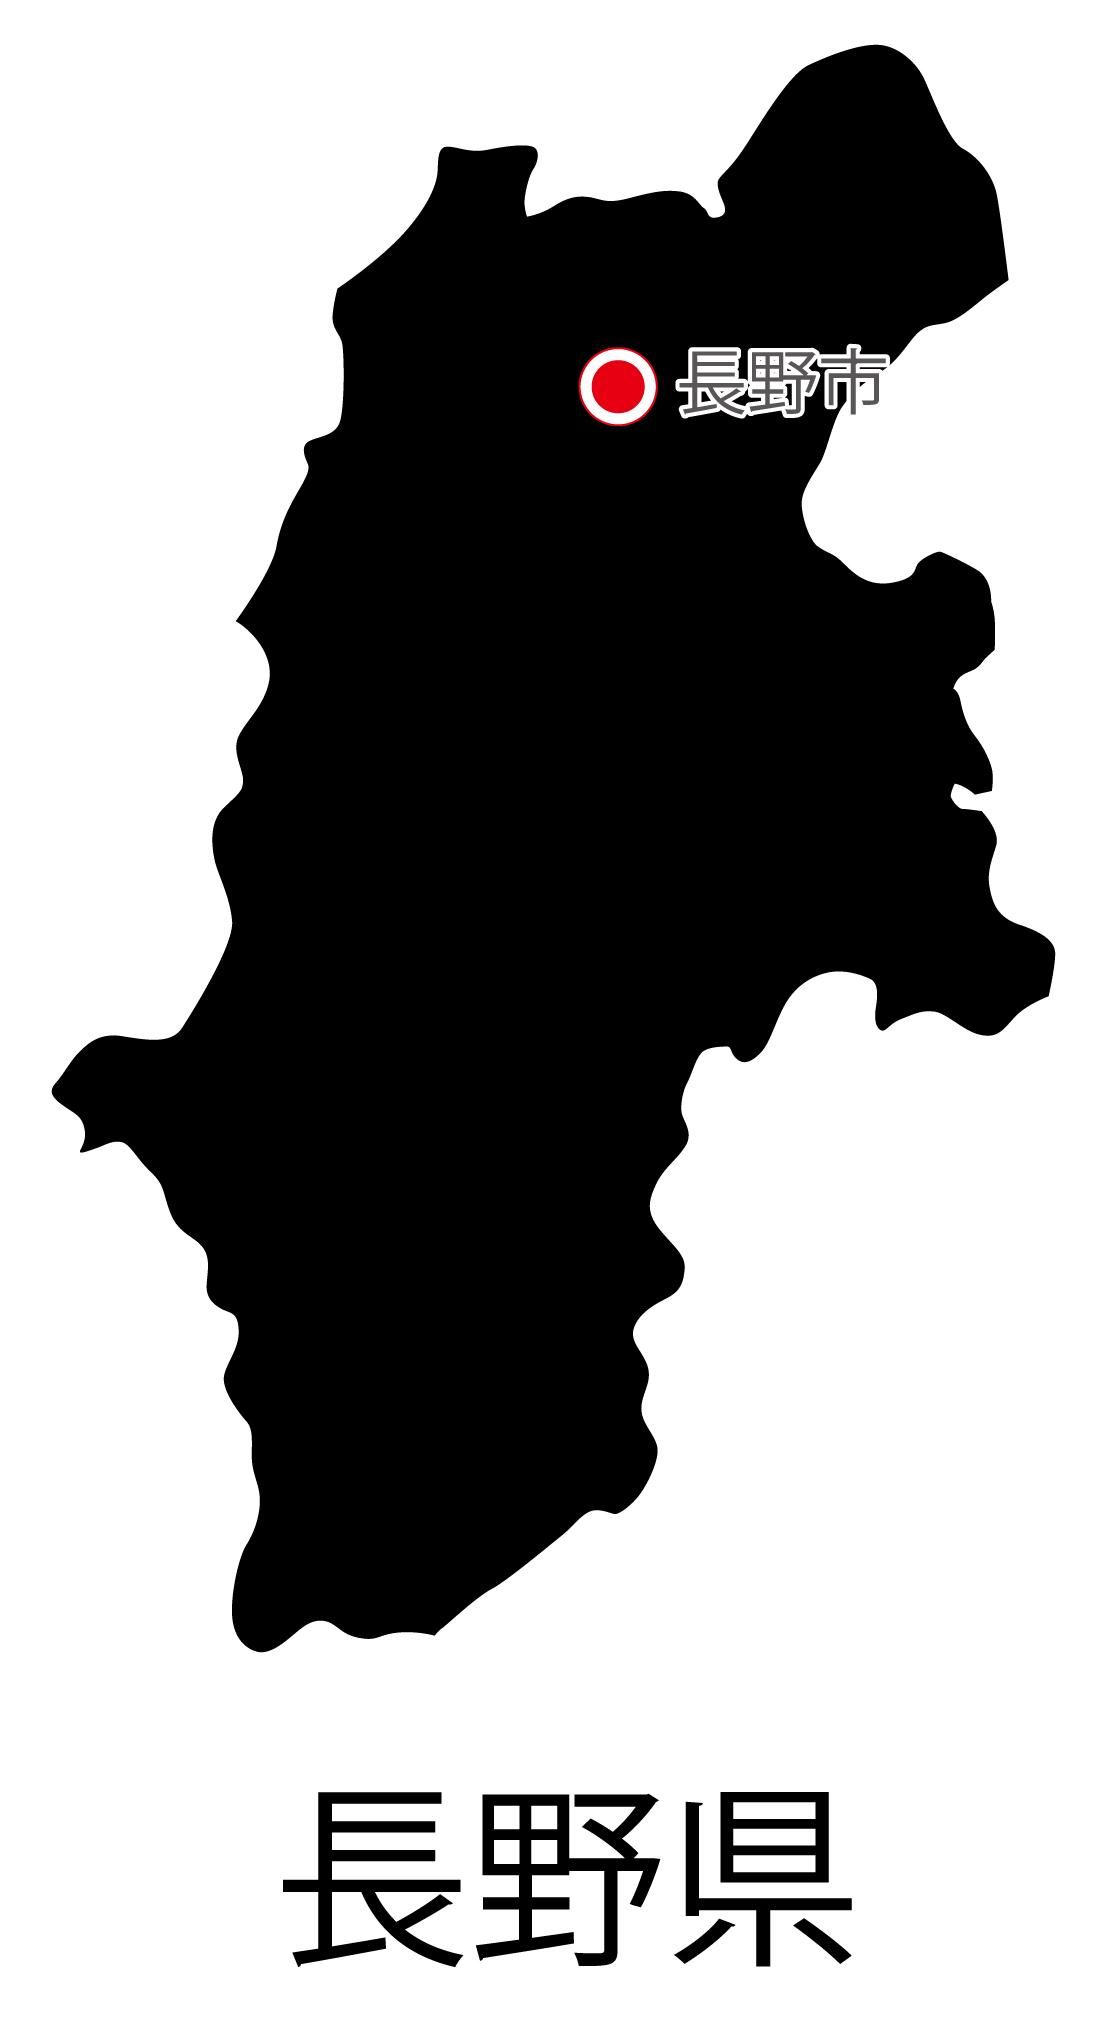 長野県無料フリーイラスト|日本語・都道府県名あり・県庁所在地あり(黒)